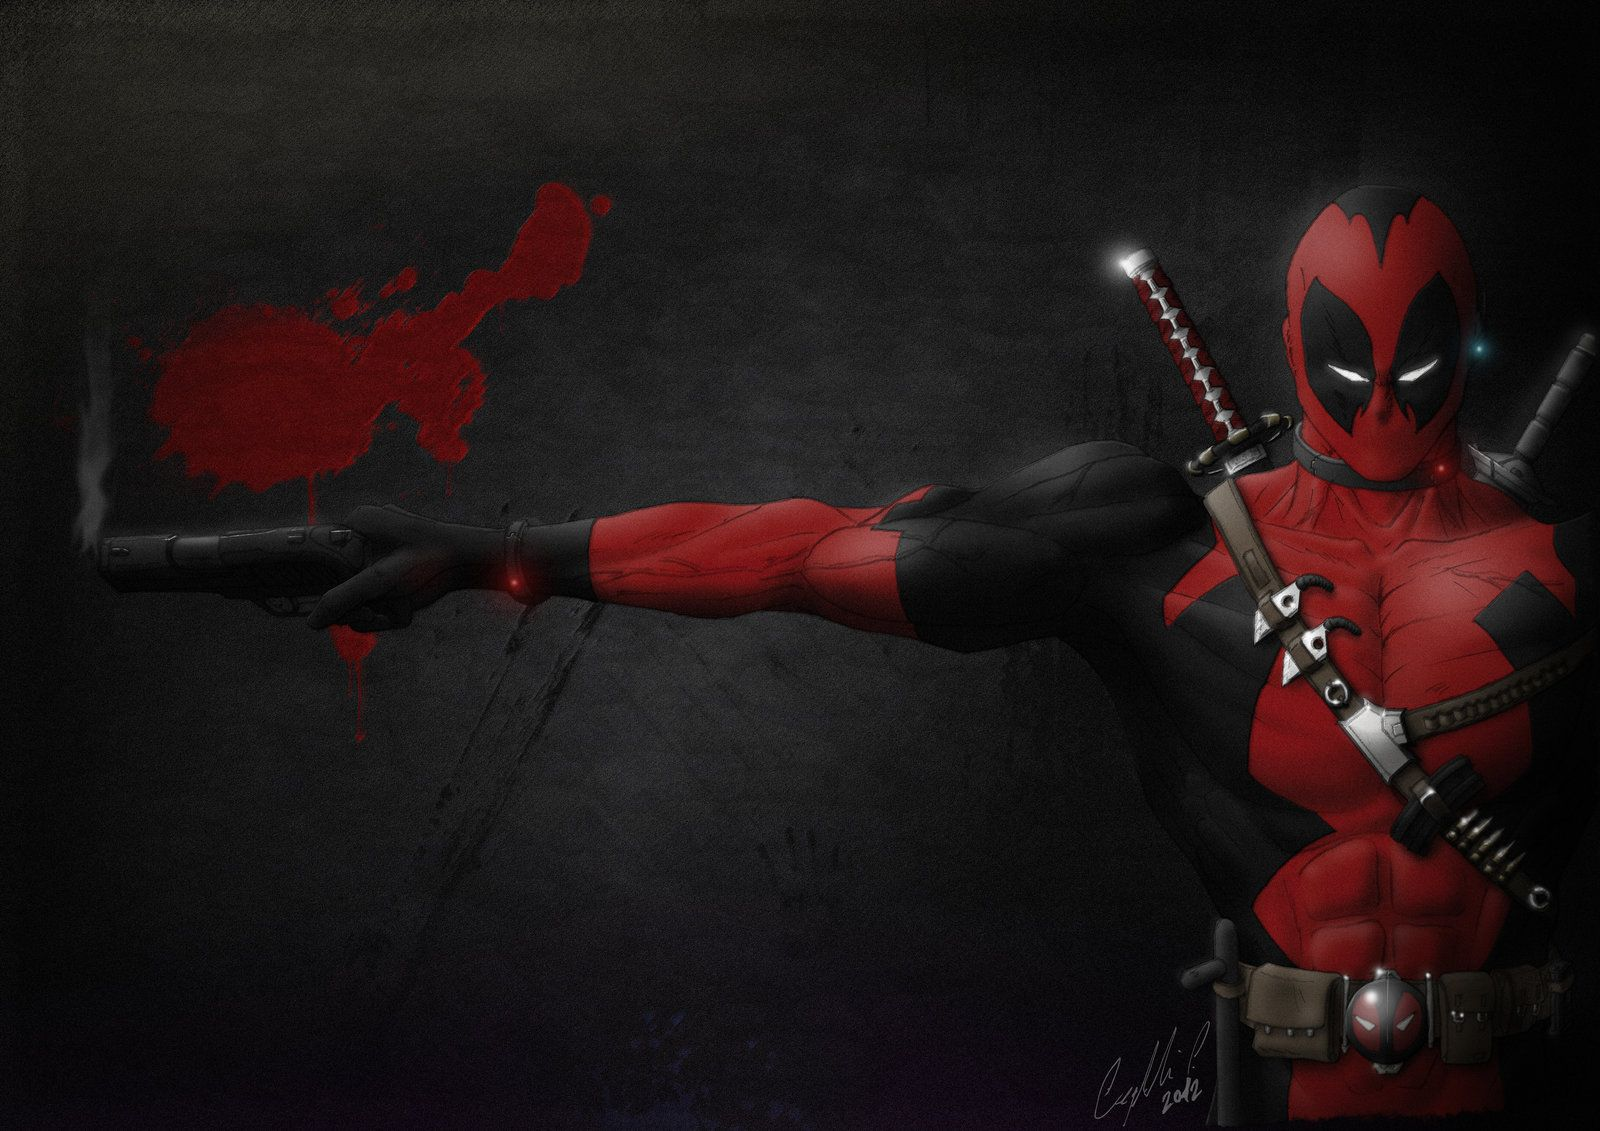 Deadpool Cool Fan Art Wallpaper HD. Free Desktop